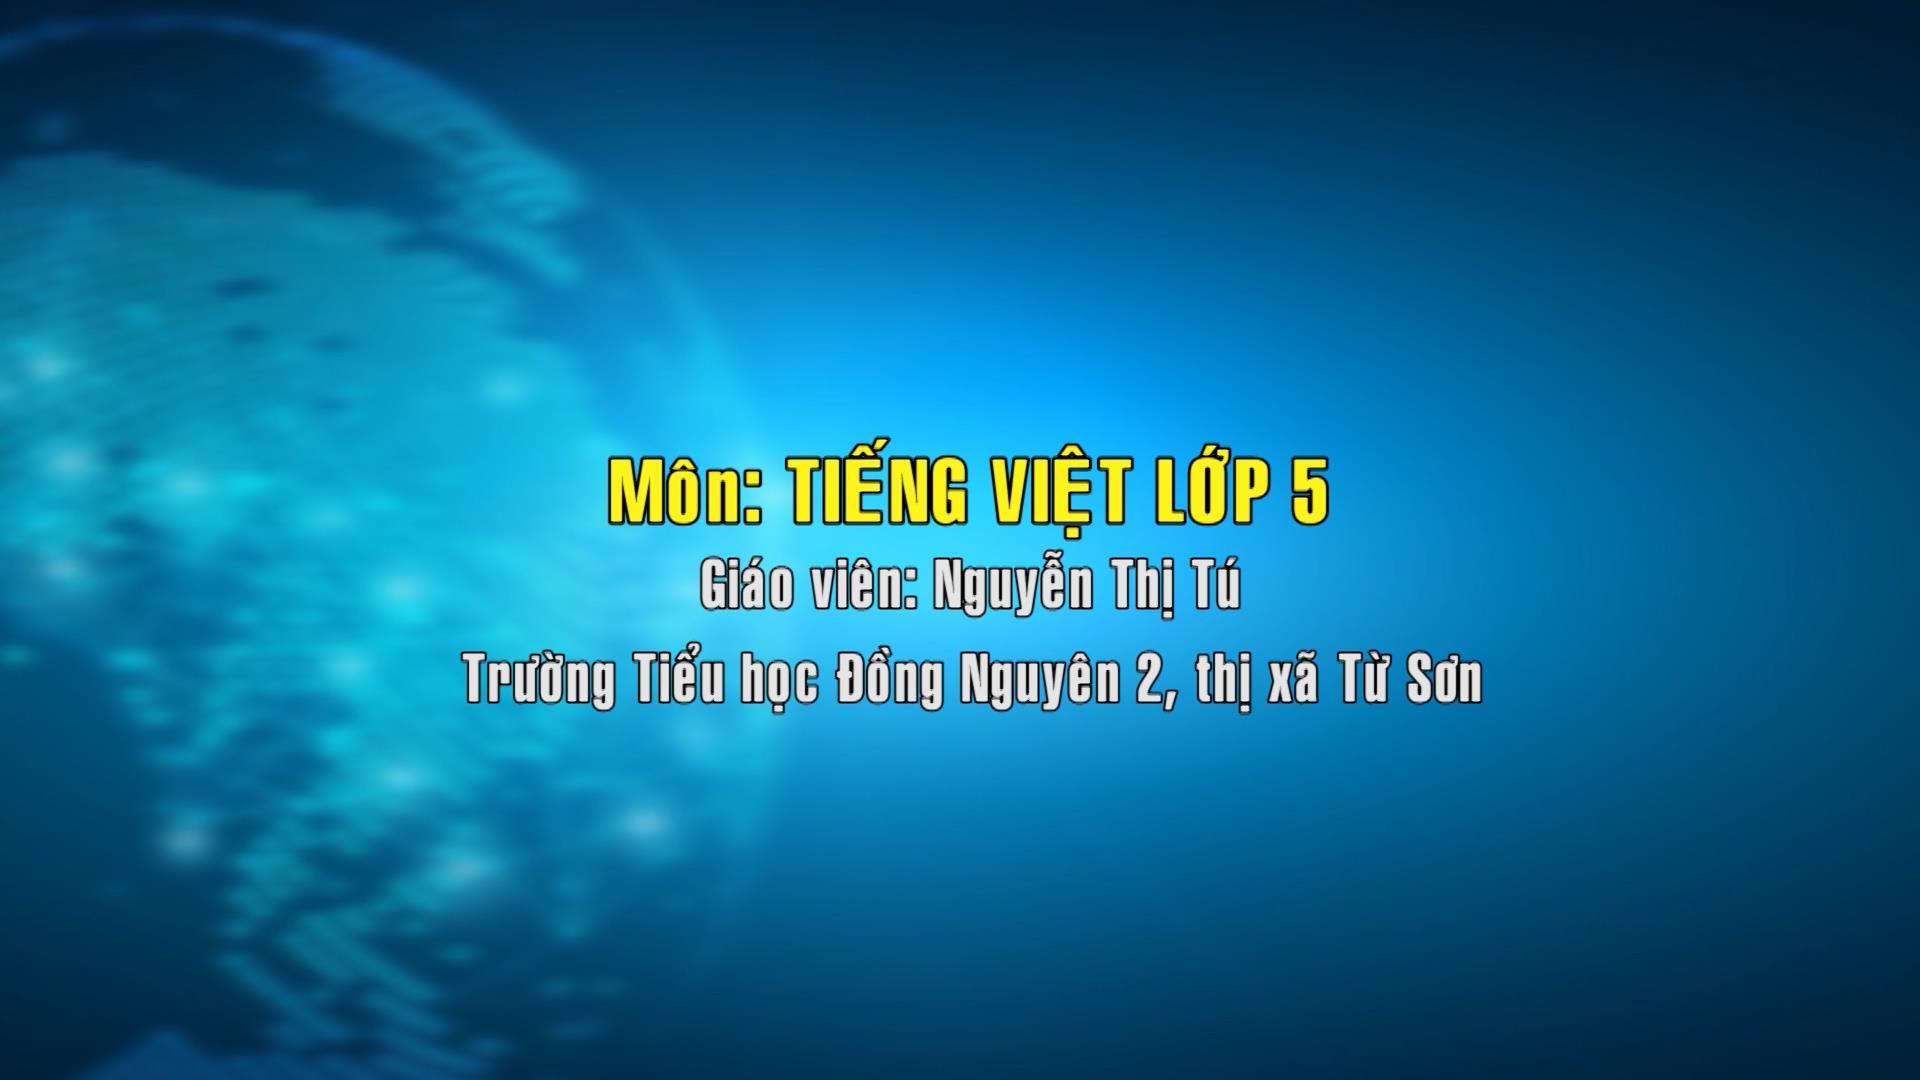 Tiếng Việt lớp 5 số 15